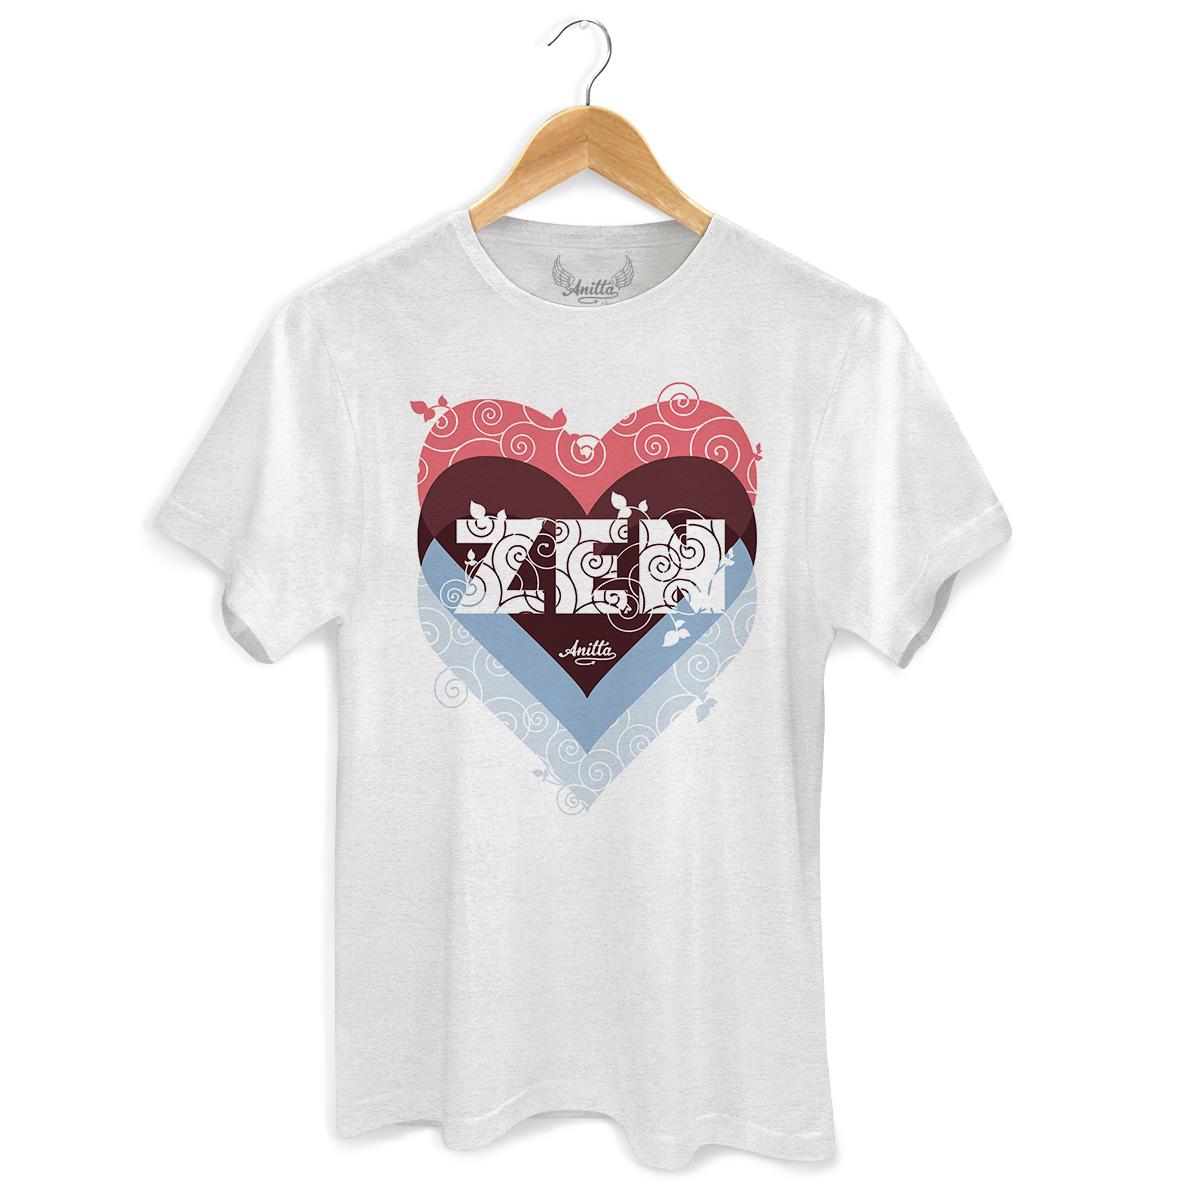 Camiseta Masculina Anitta Zen